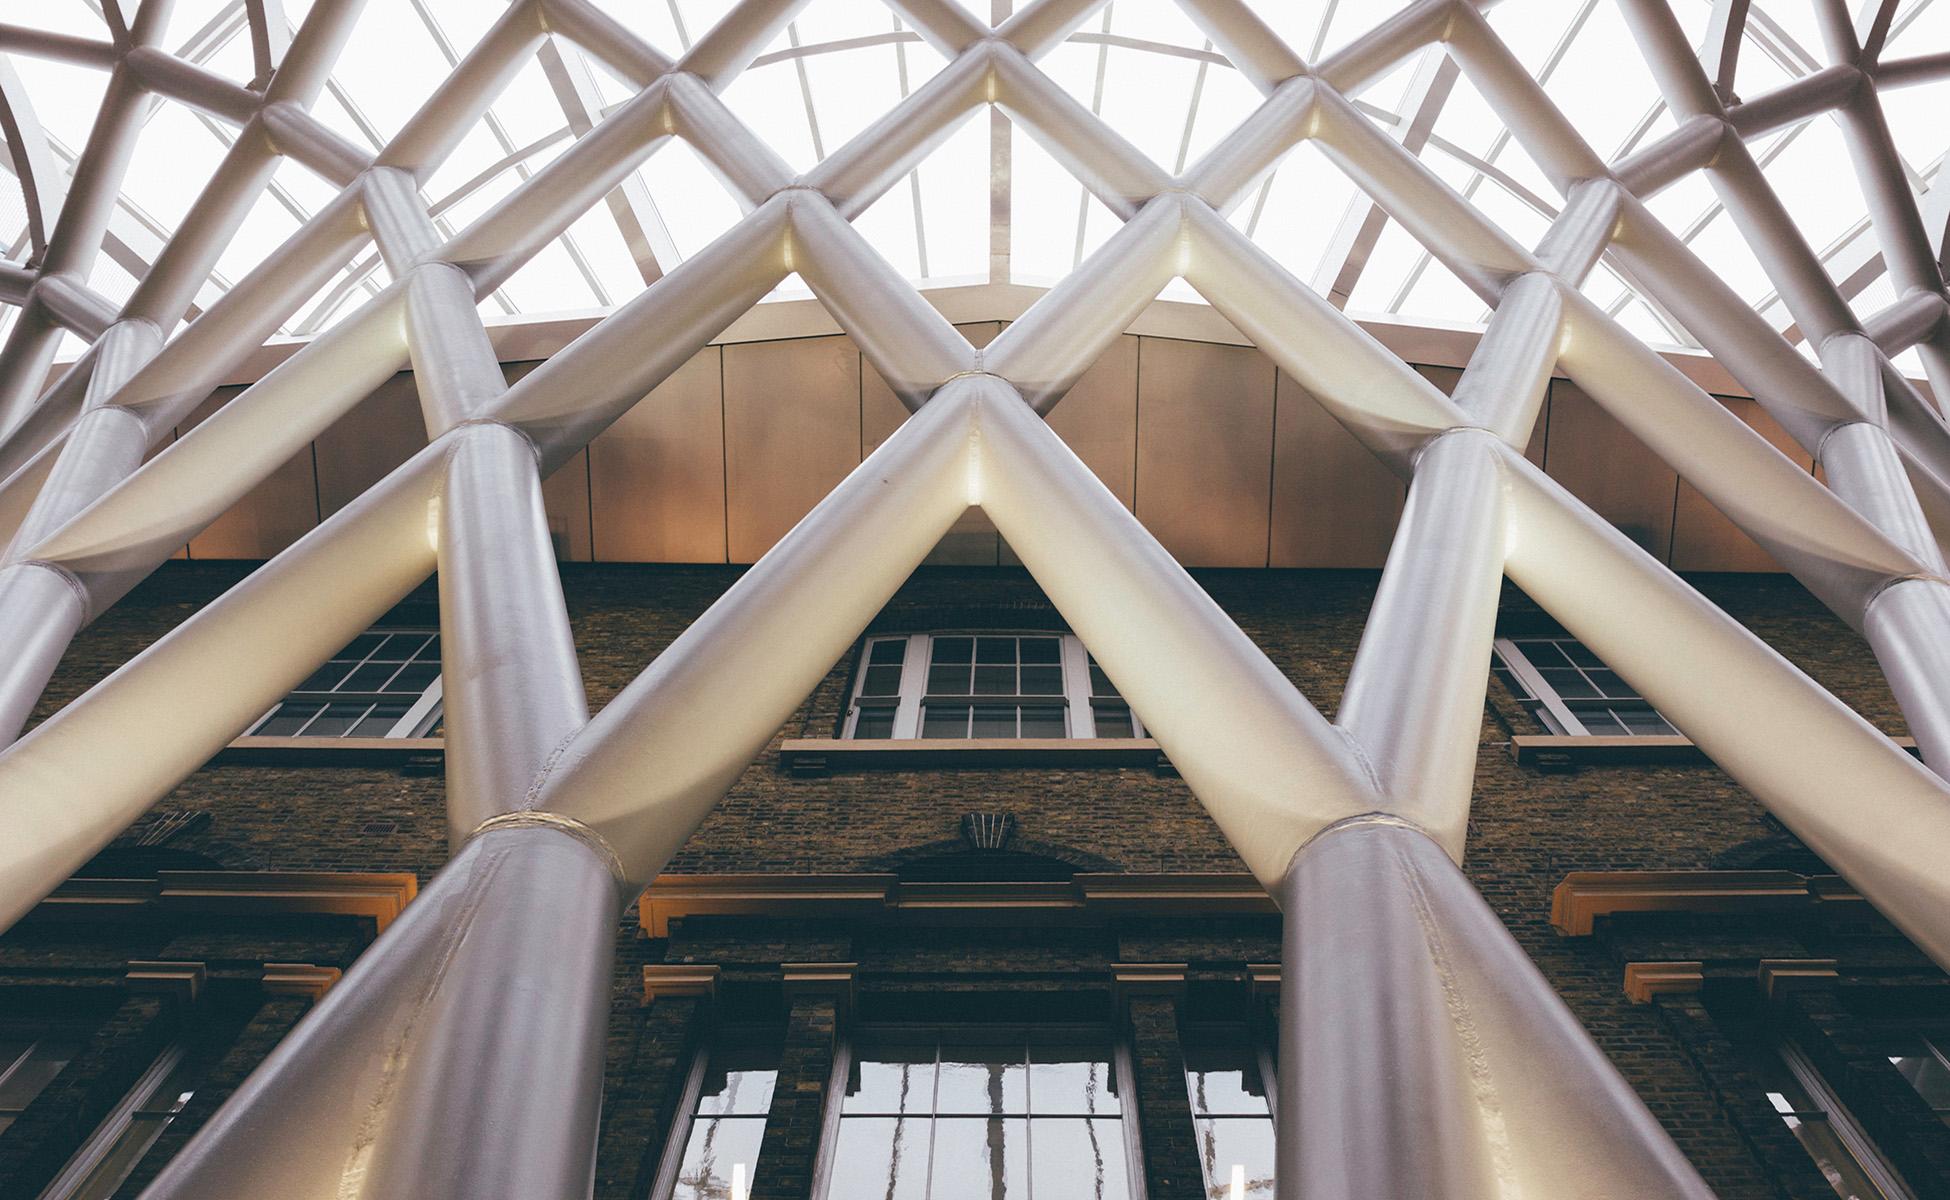 Architettura E Design pm-arch architettura e design – architettoi pierfrancesco